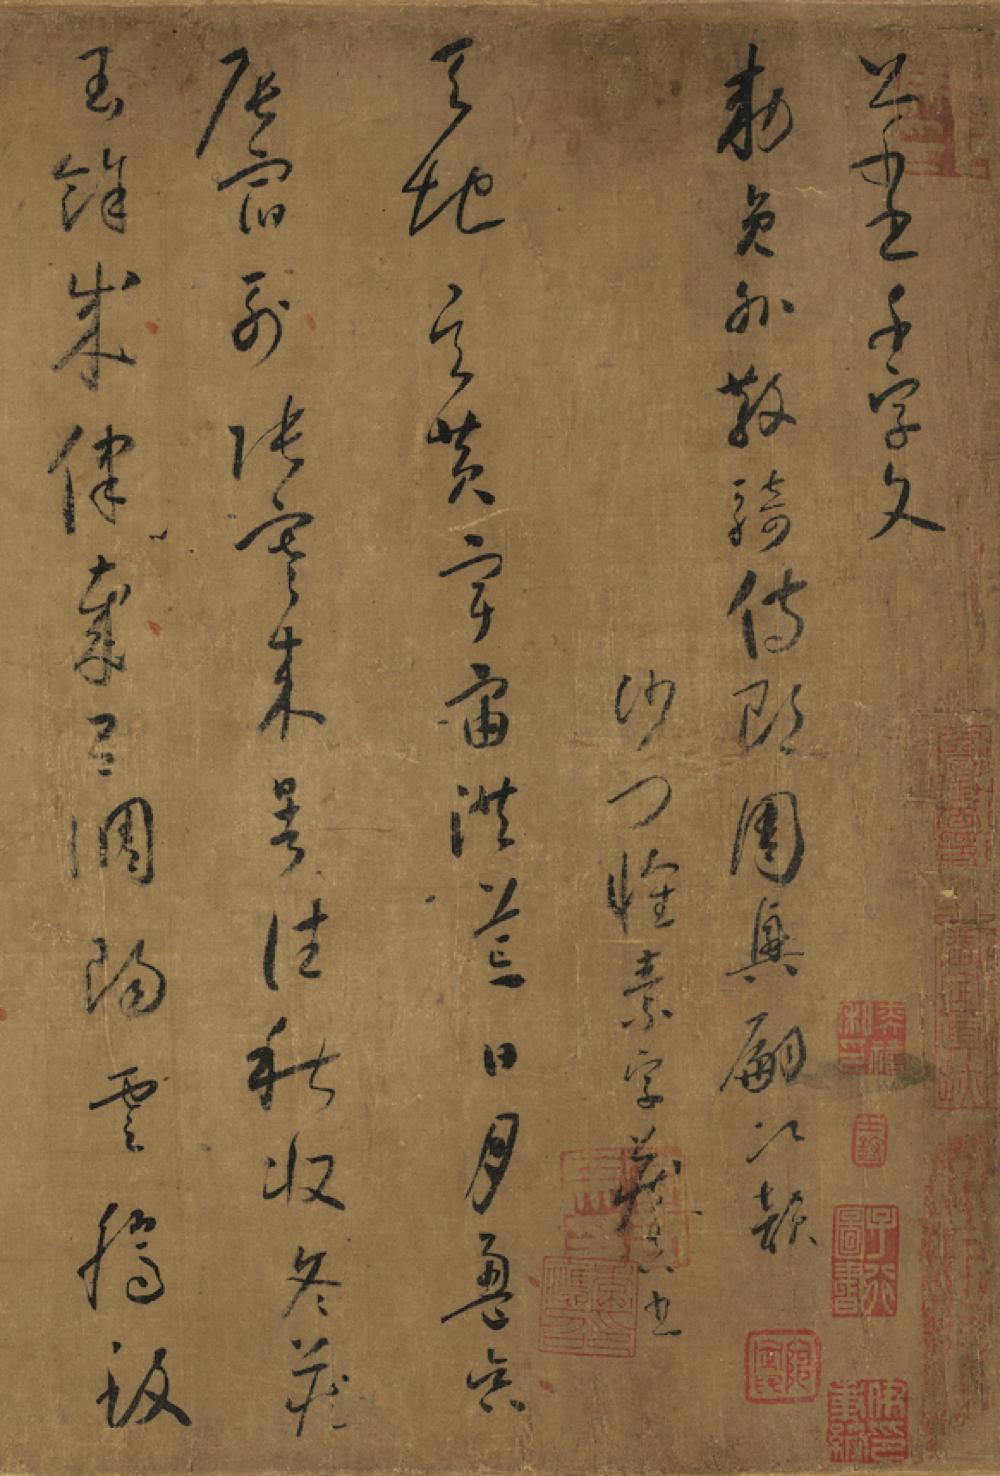 小草千字文(部分) 懐素筆 唐時代・貞元15年(799)頃 台北 國立故宮博物院寄託